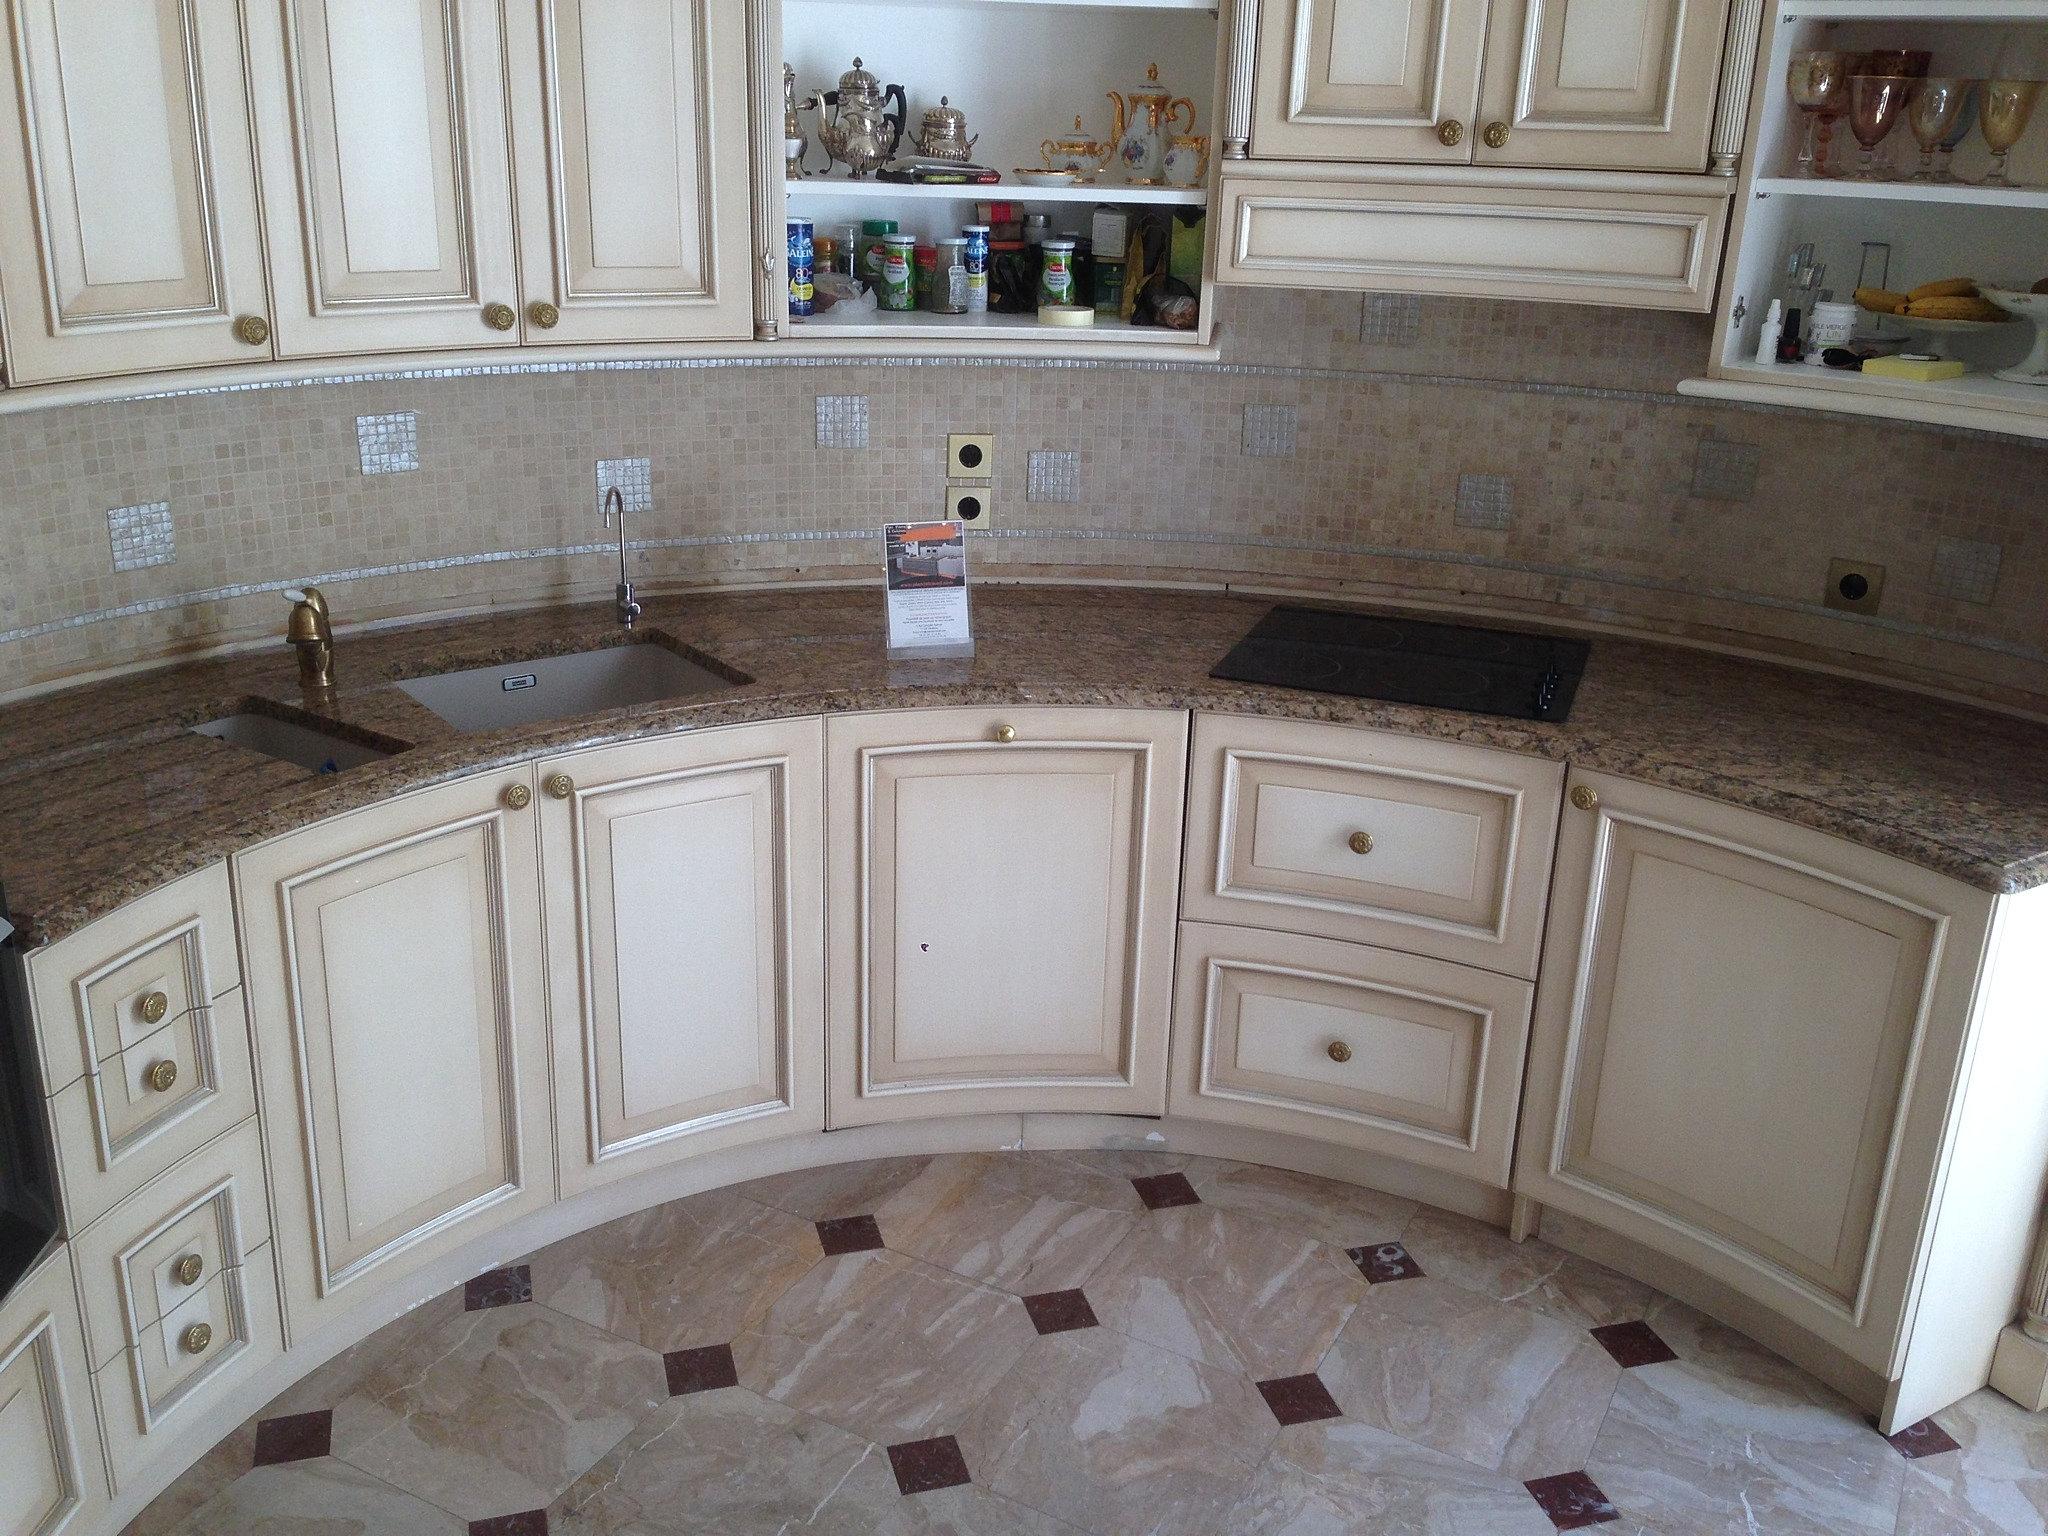 devis plan de travail com paris granit quartz marbre plans de travail sur mesure granit. Black Bedroom Furniture Sets. Home Design Ideas